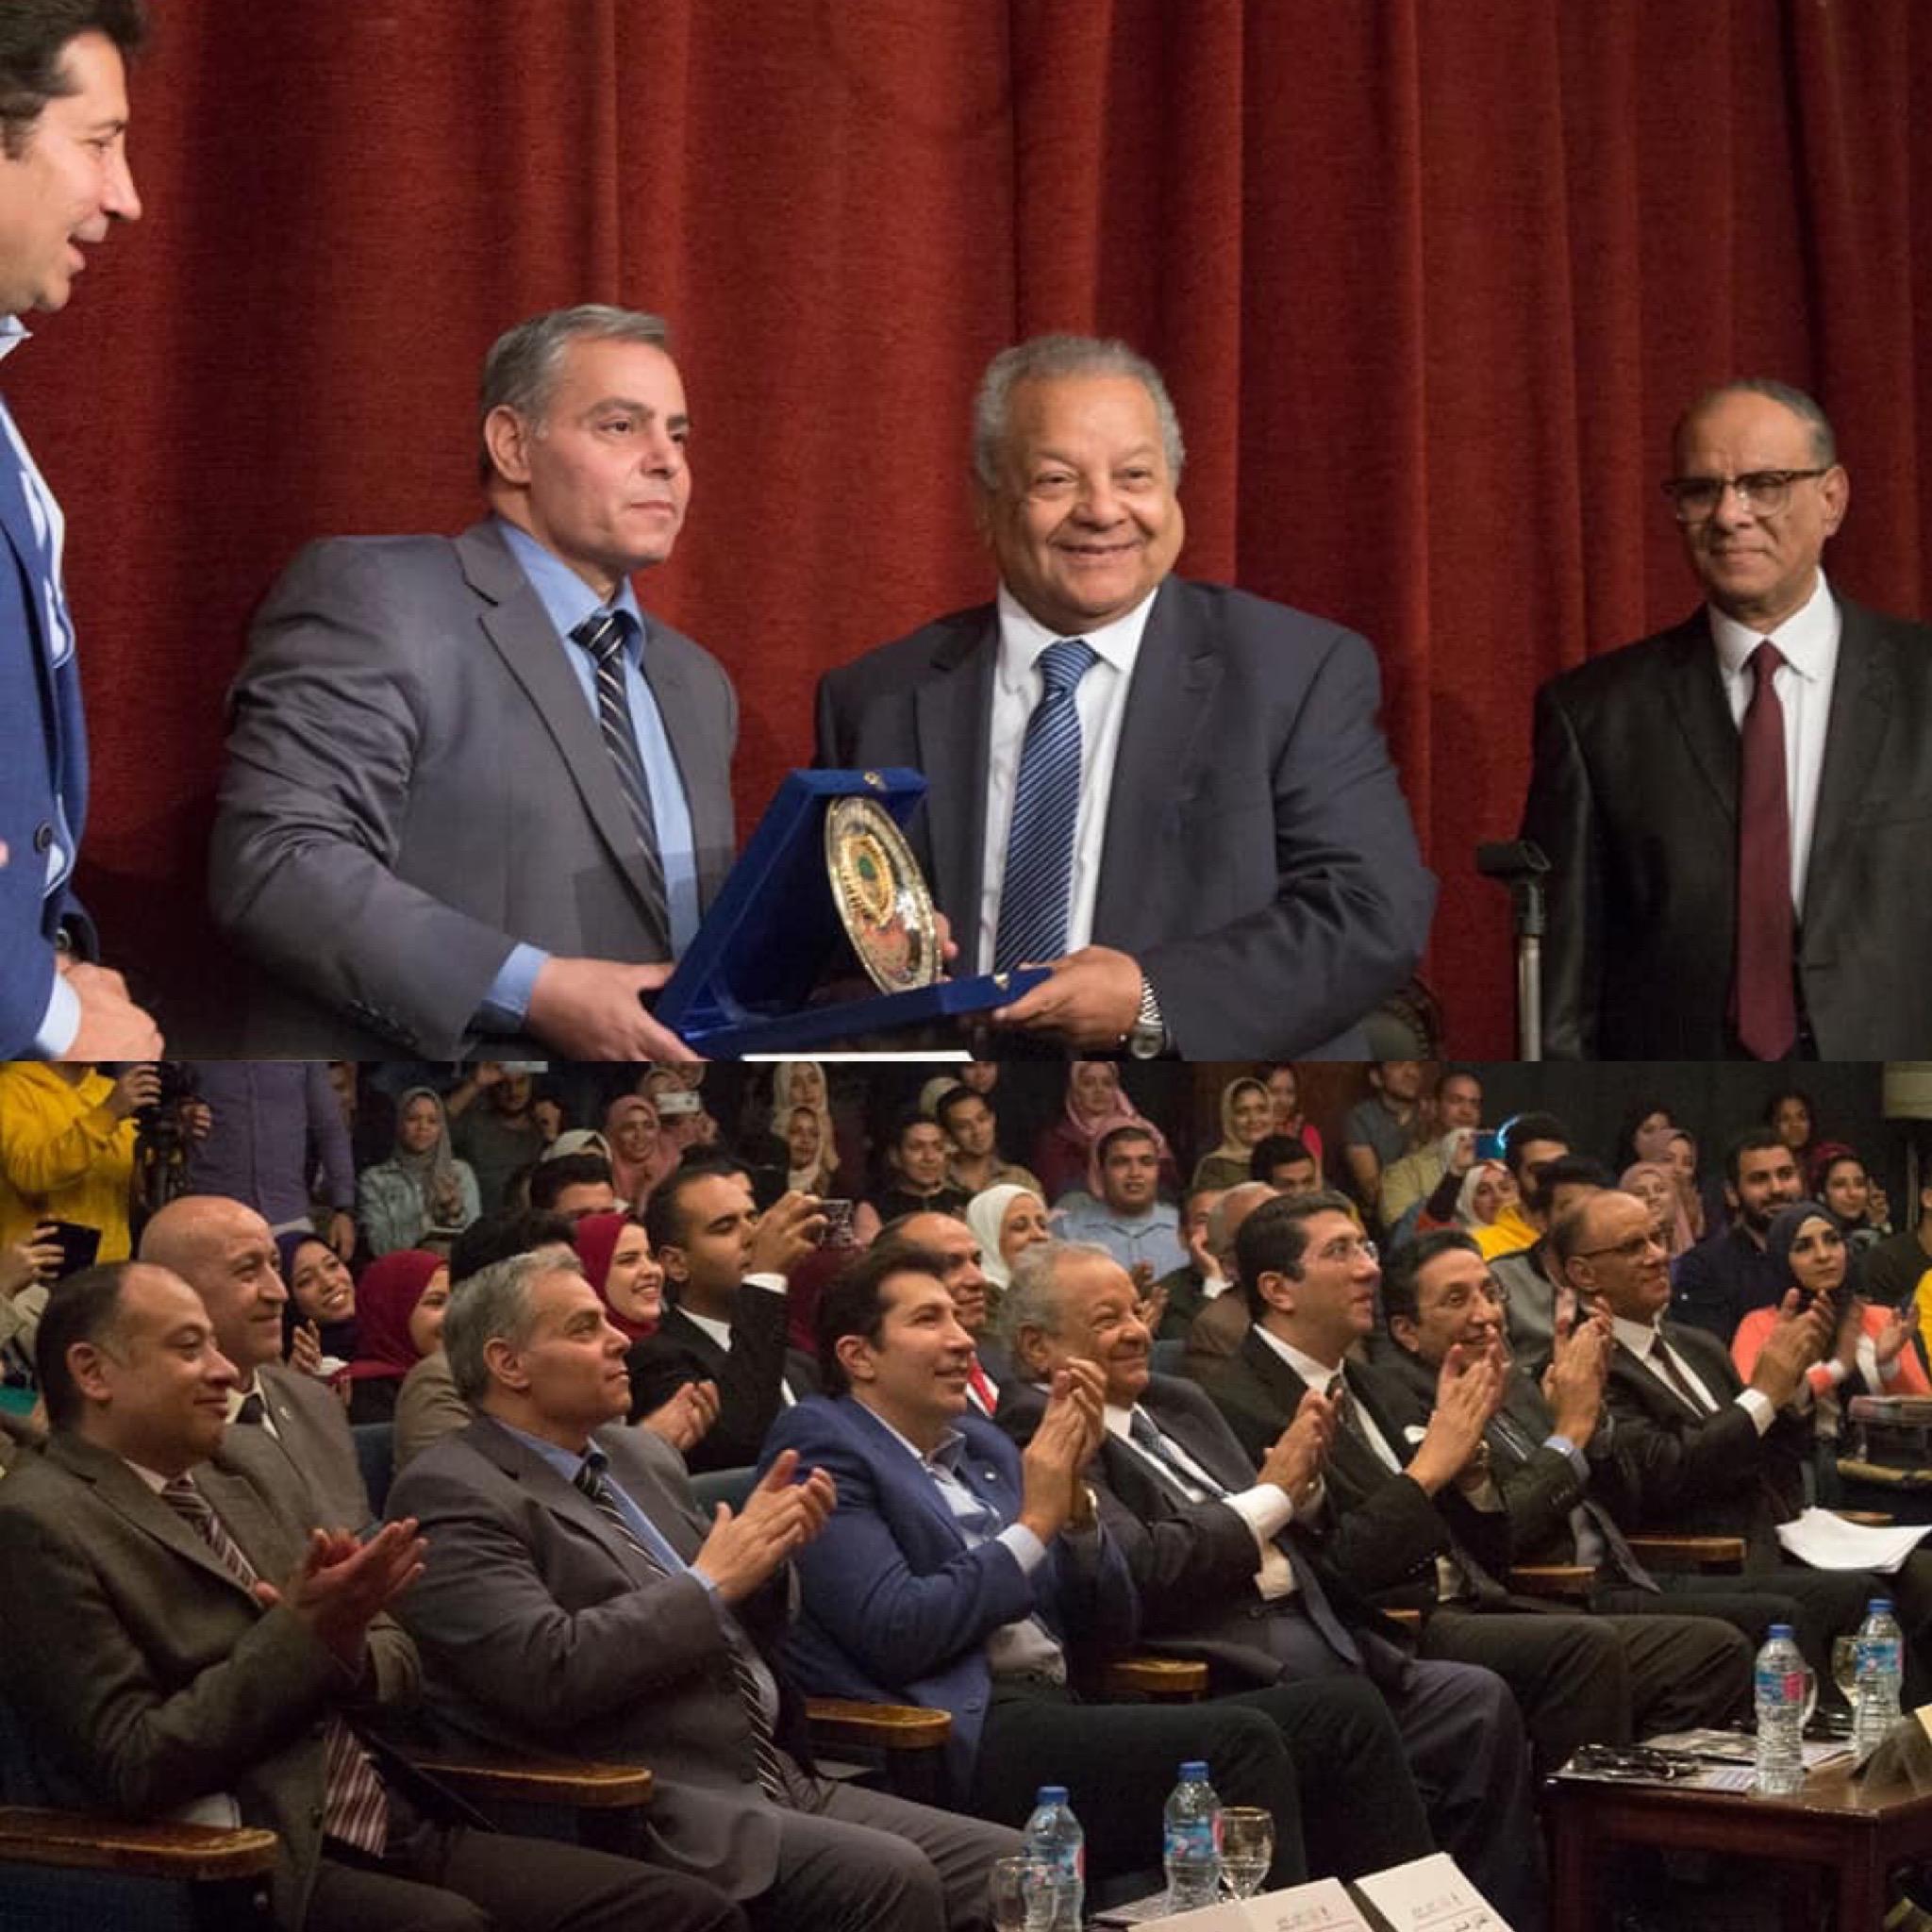 حقوق جامعة القاهرة تكرم الدكتور إبراهيم أبوذكري رئيس المنتجين العرب